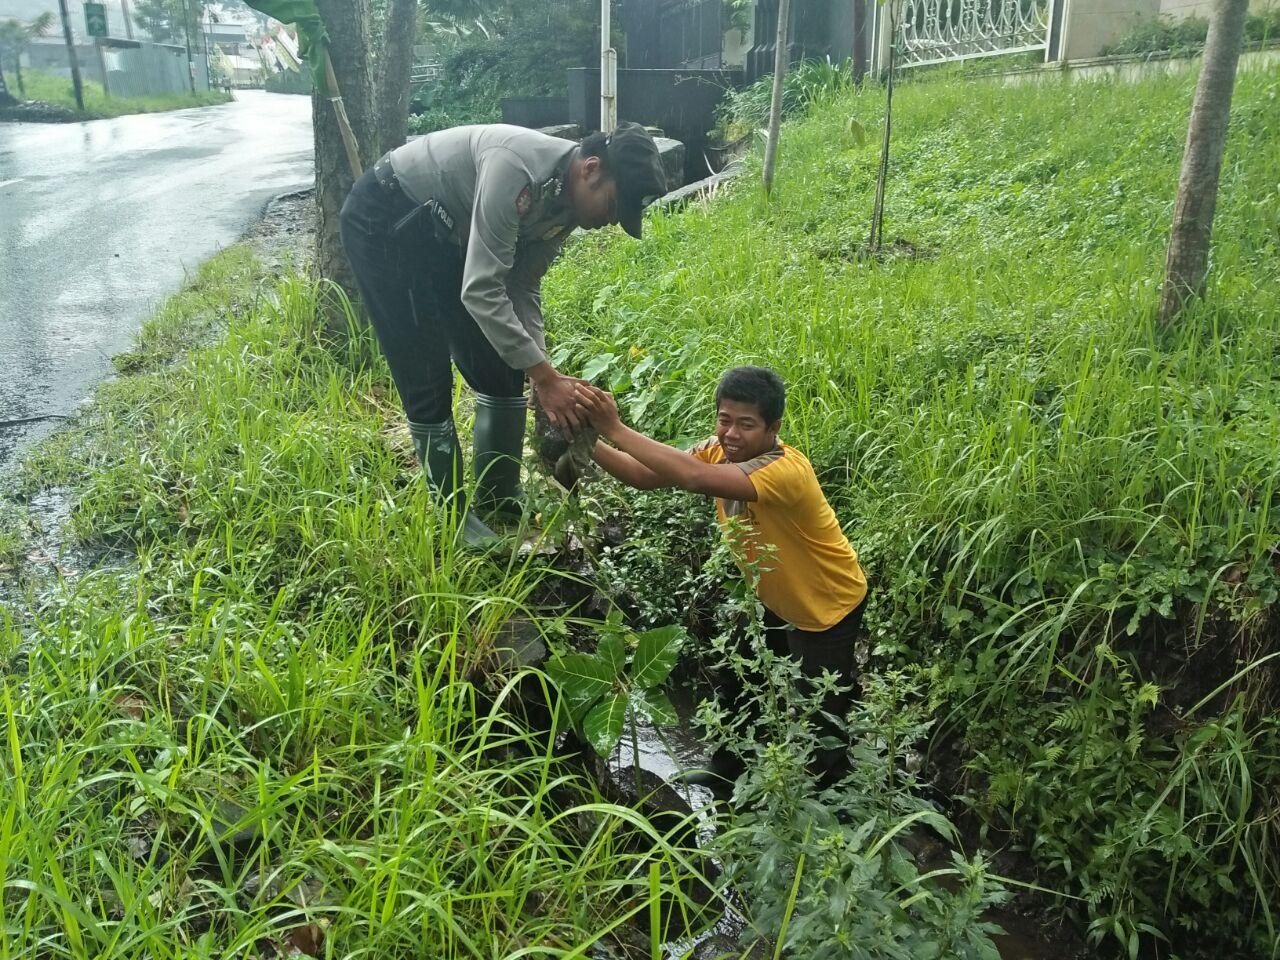 Kanit Sabhara Polsek Junrejo Polres Batu Adakan Patroli Antisipasi Pohon Tumbang Dan Banjir Di Wilayah Hukum Polres Batu